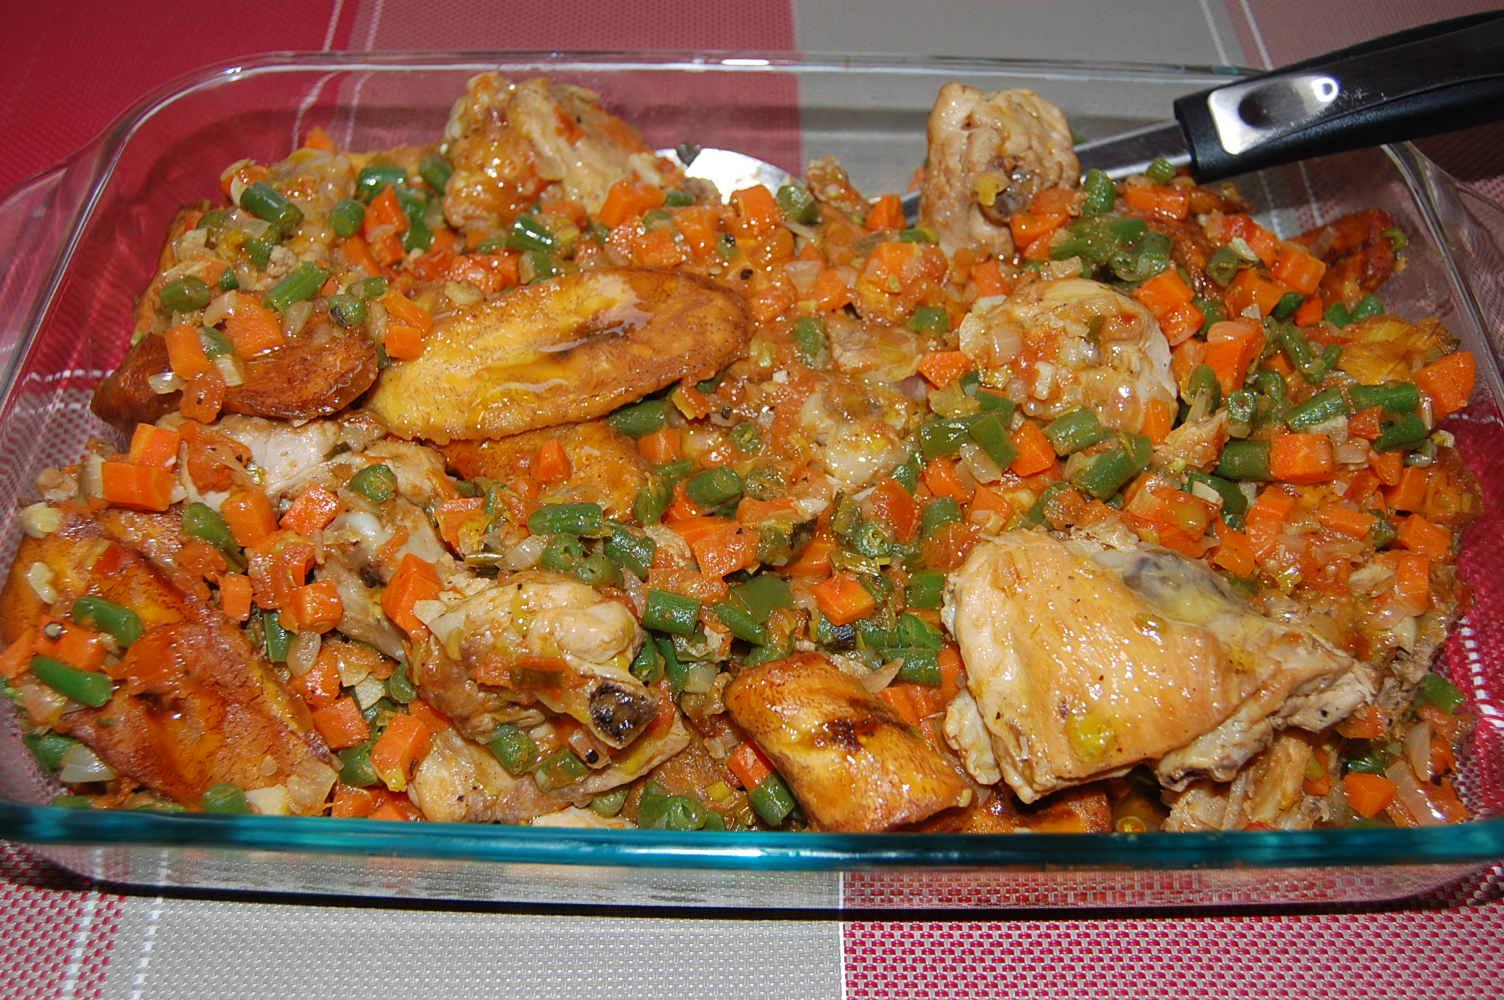 Poulet dg directeur g n ral par toimoietcuisine for Africaine cuisine